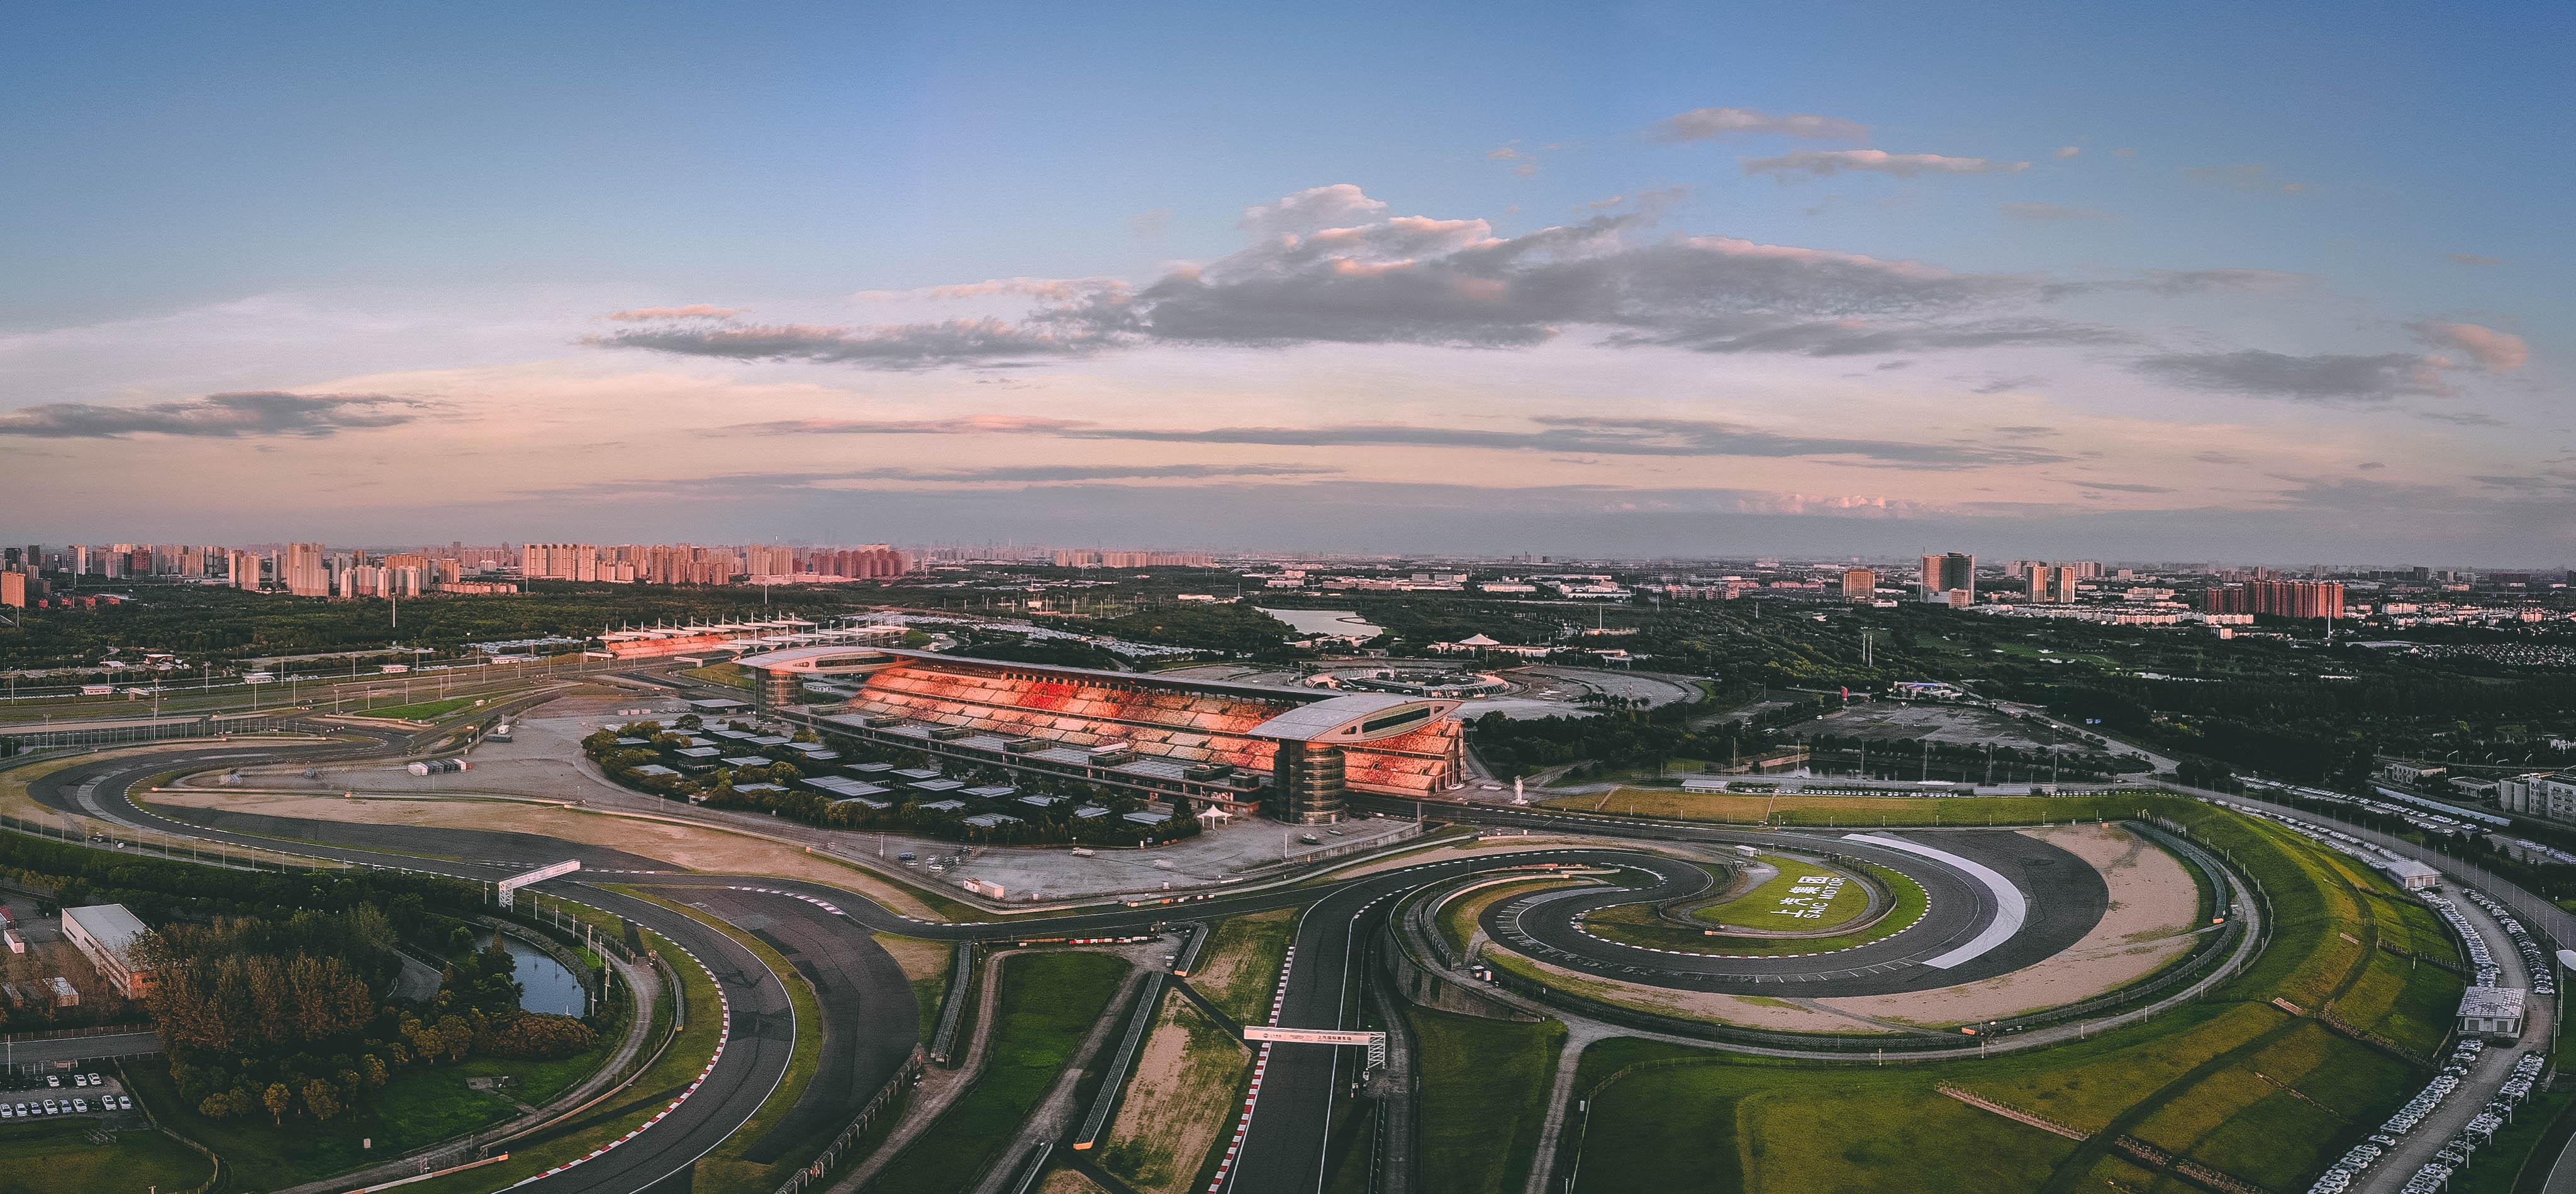 久体中心运营嘚上海国际赛车场。